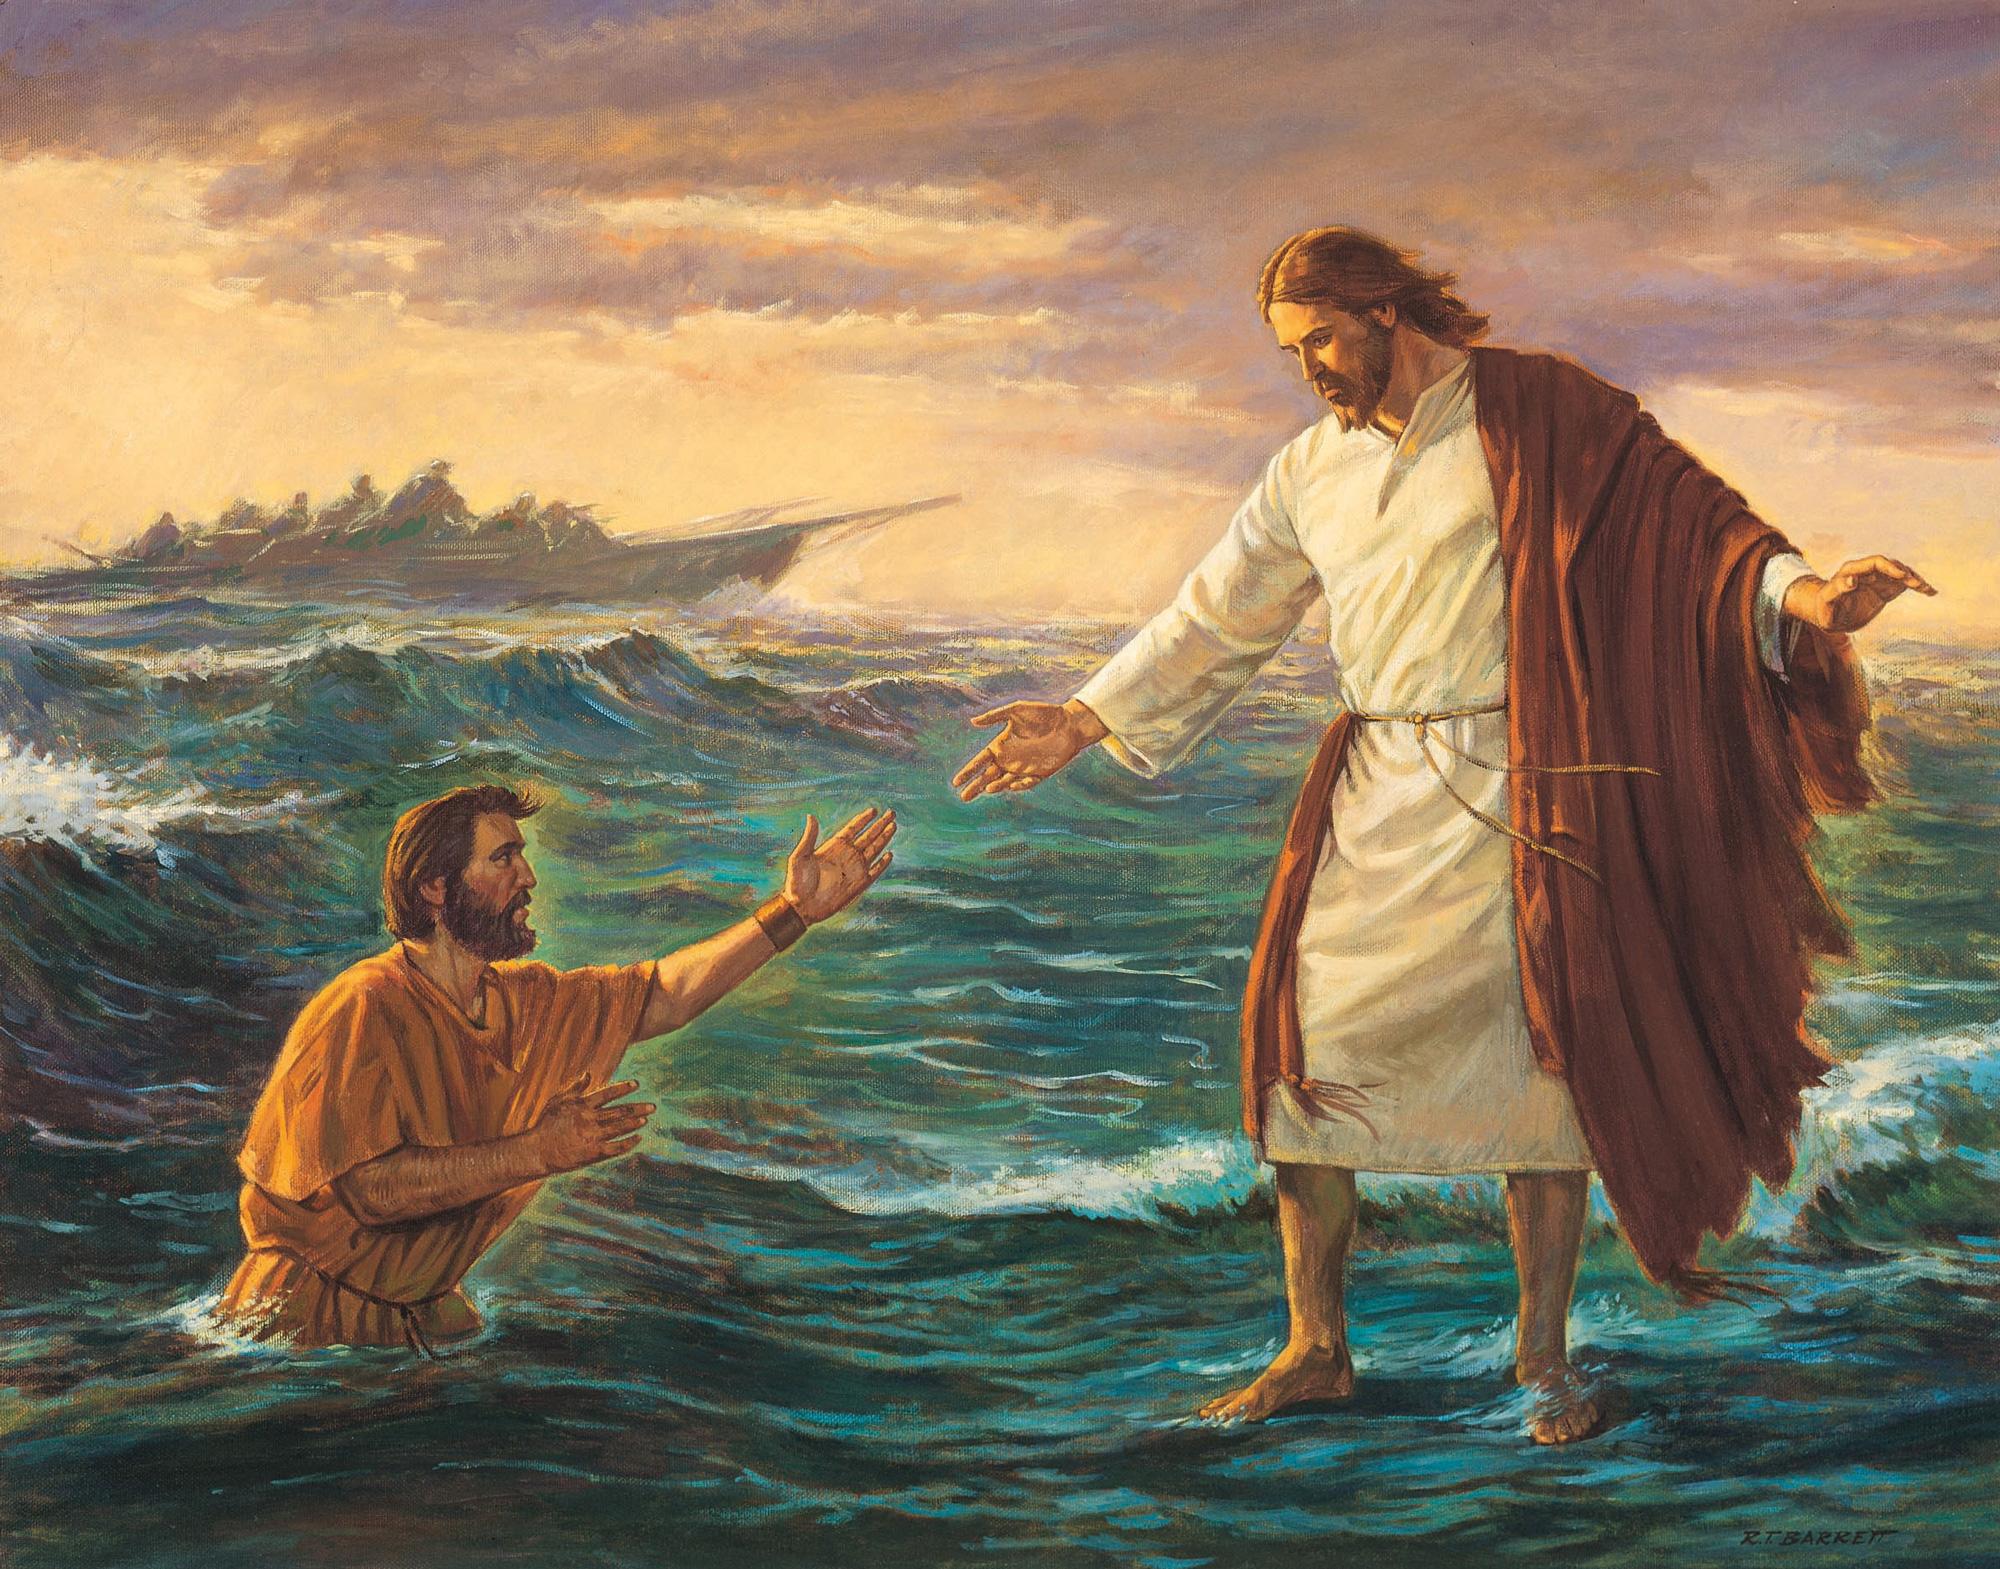 Учителя: Сполетят ли те нещастия, да знаеш, че Господ ти е обърнал внимание